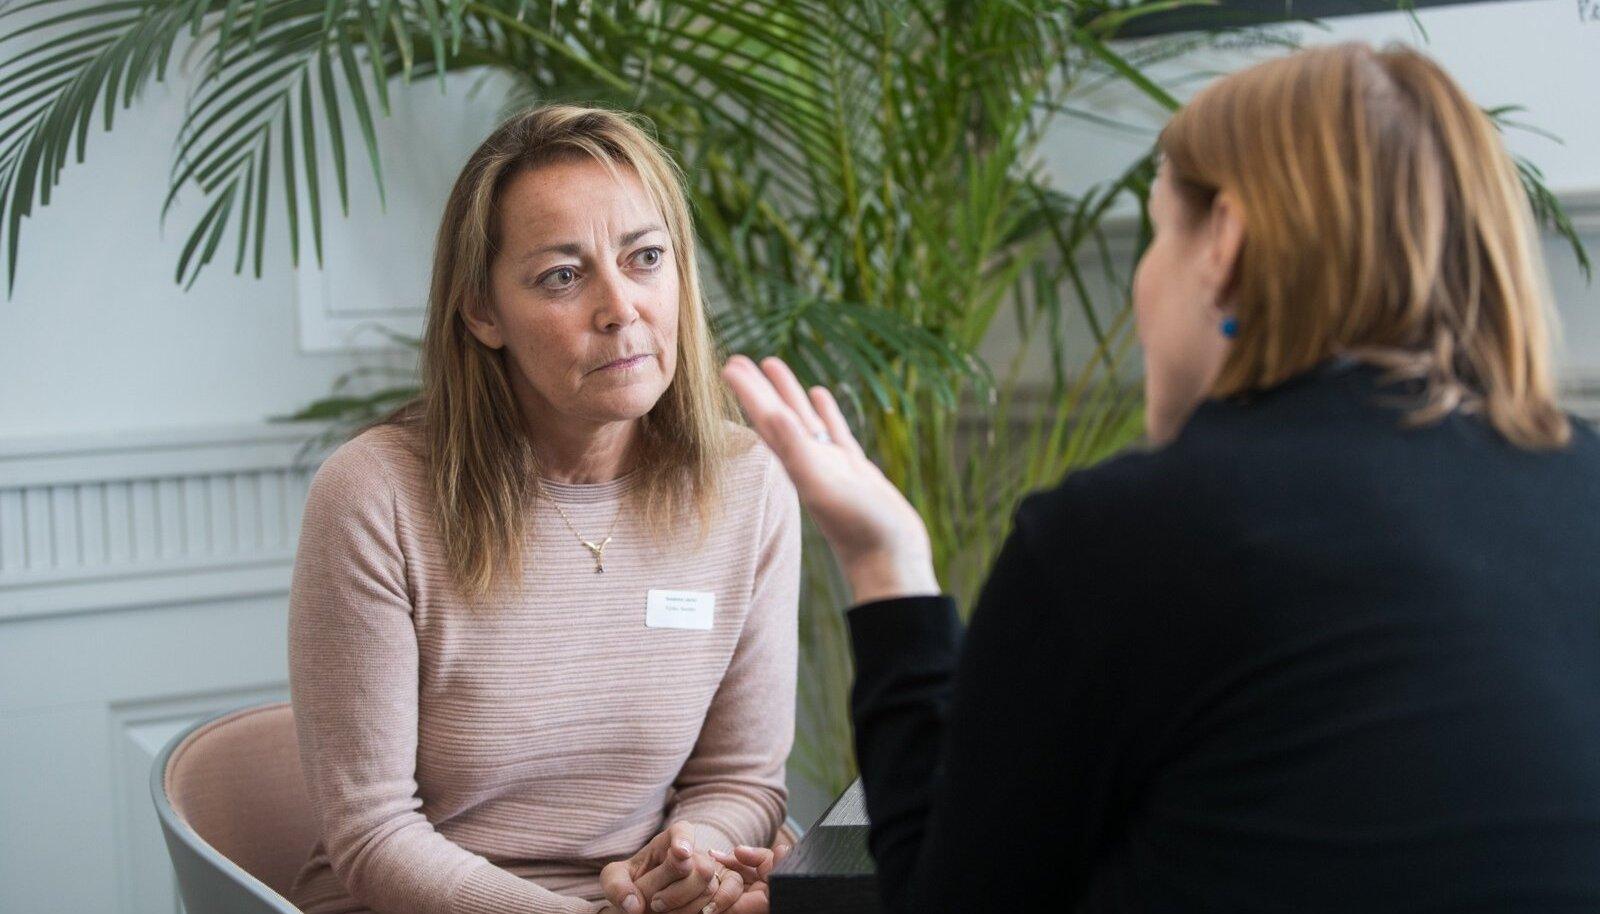 Ligipääsetavuse ekspert Susanna Laurin toonitab, et turismis on erivajadusega inimeste jaoks kõige tõsisem probleem suhtumine. Paljud puudega inimesed, kes reisivad, tunnevad, et neid koheldakse halvasti.